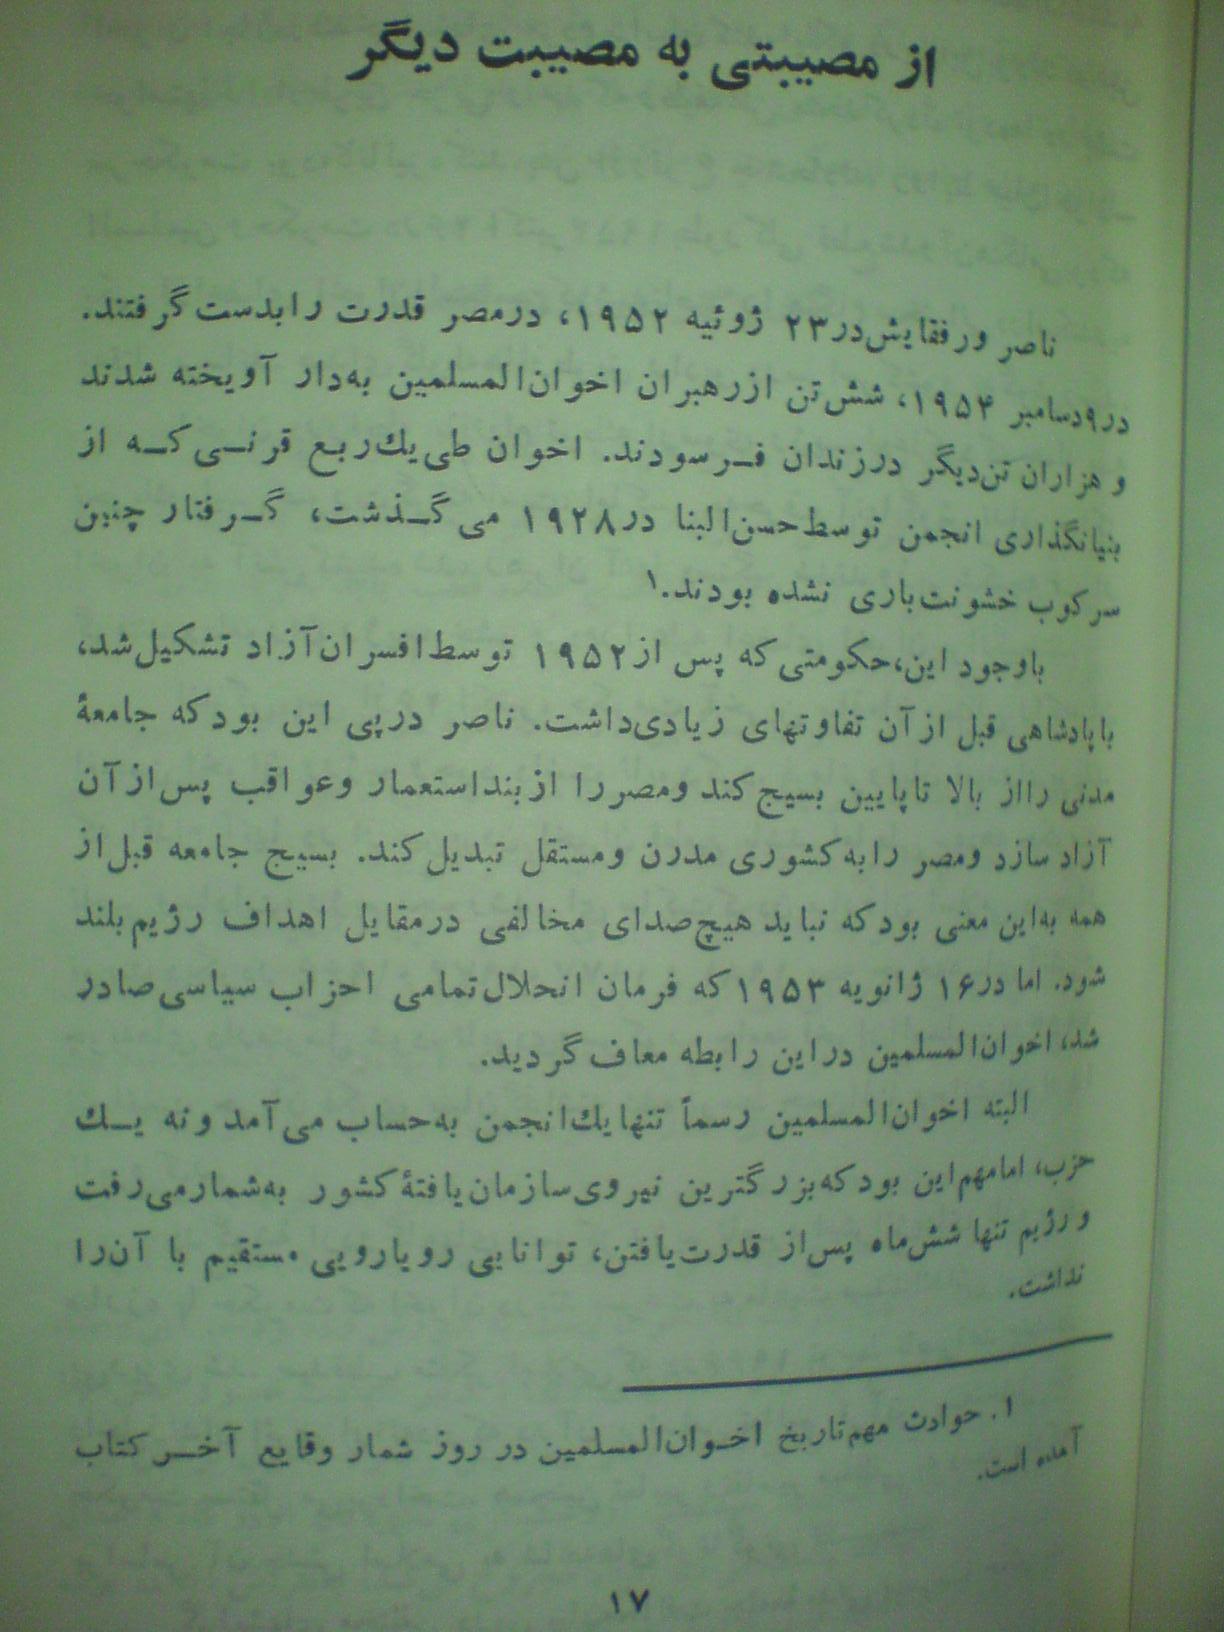 کتاب پیامبر و فرعون . ژیل کوپل . عکس ها